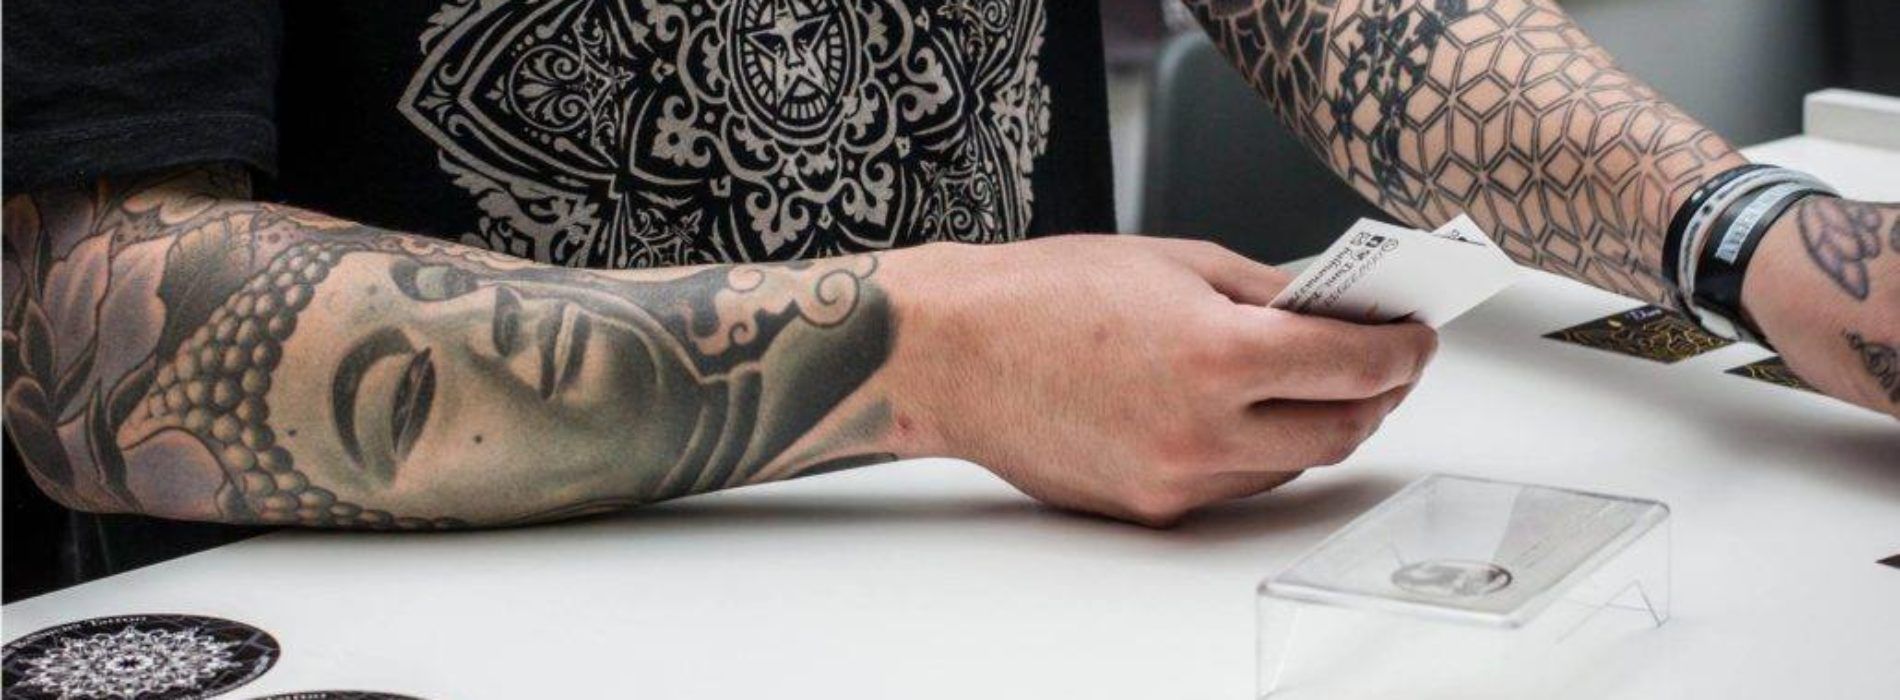 International Tattoo Fest Napoli 2017: torna il Festival del tatuaggio